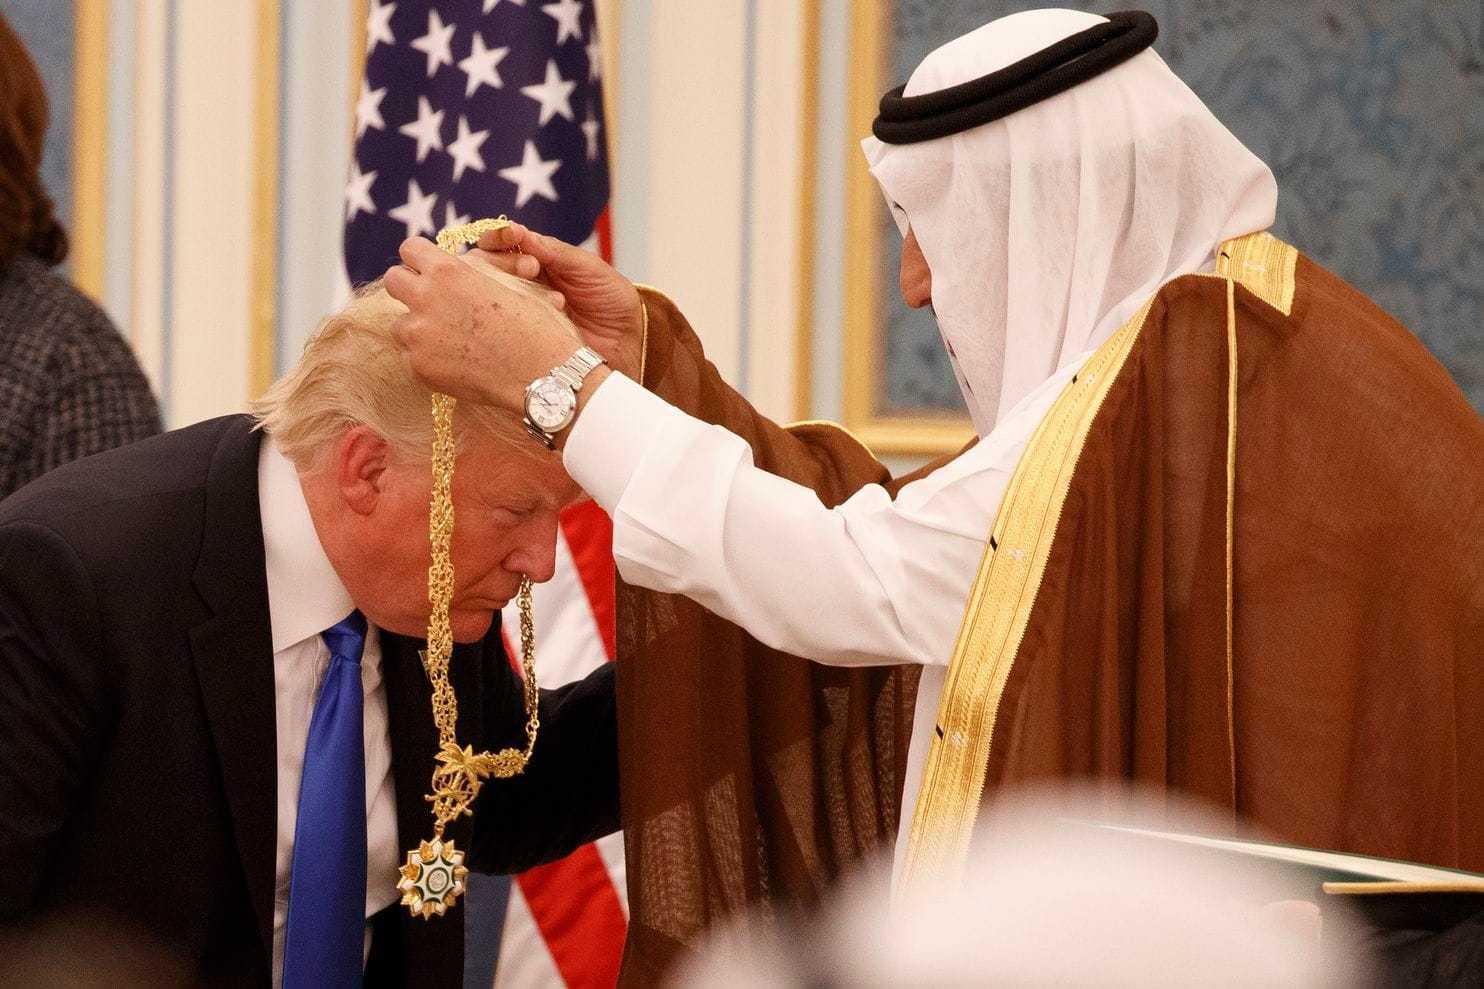 سند دیگری از نقش ولیعهد سعودی در ناپدید شدن جمال خاشقجی